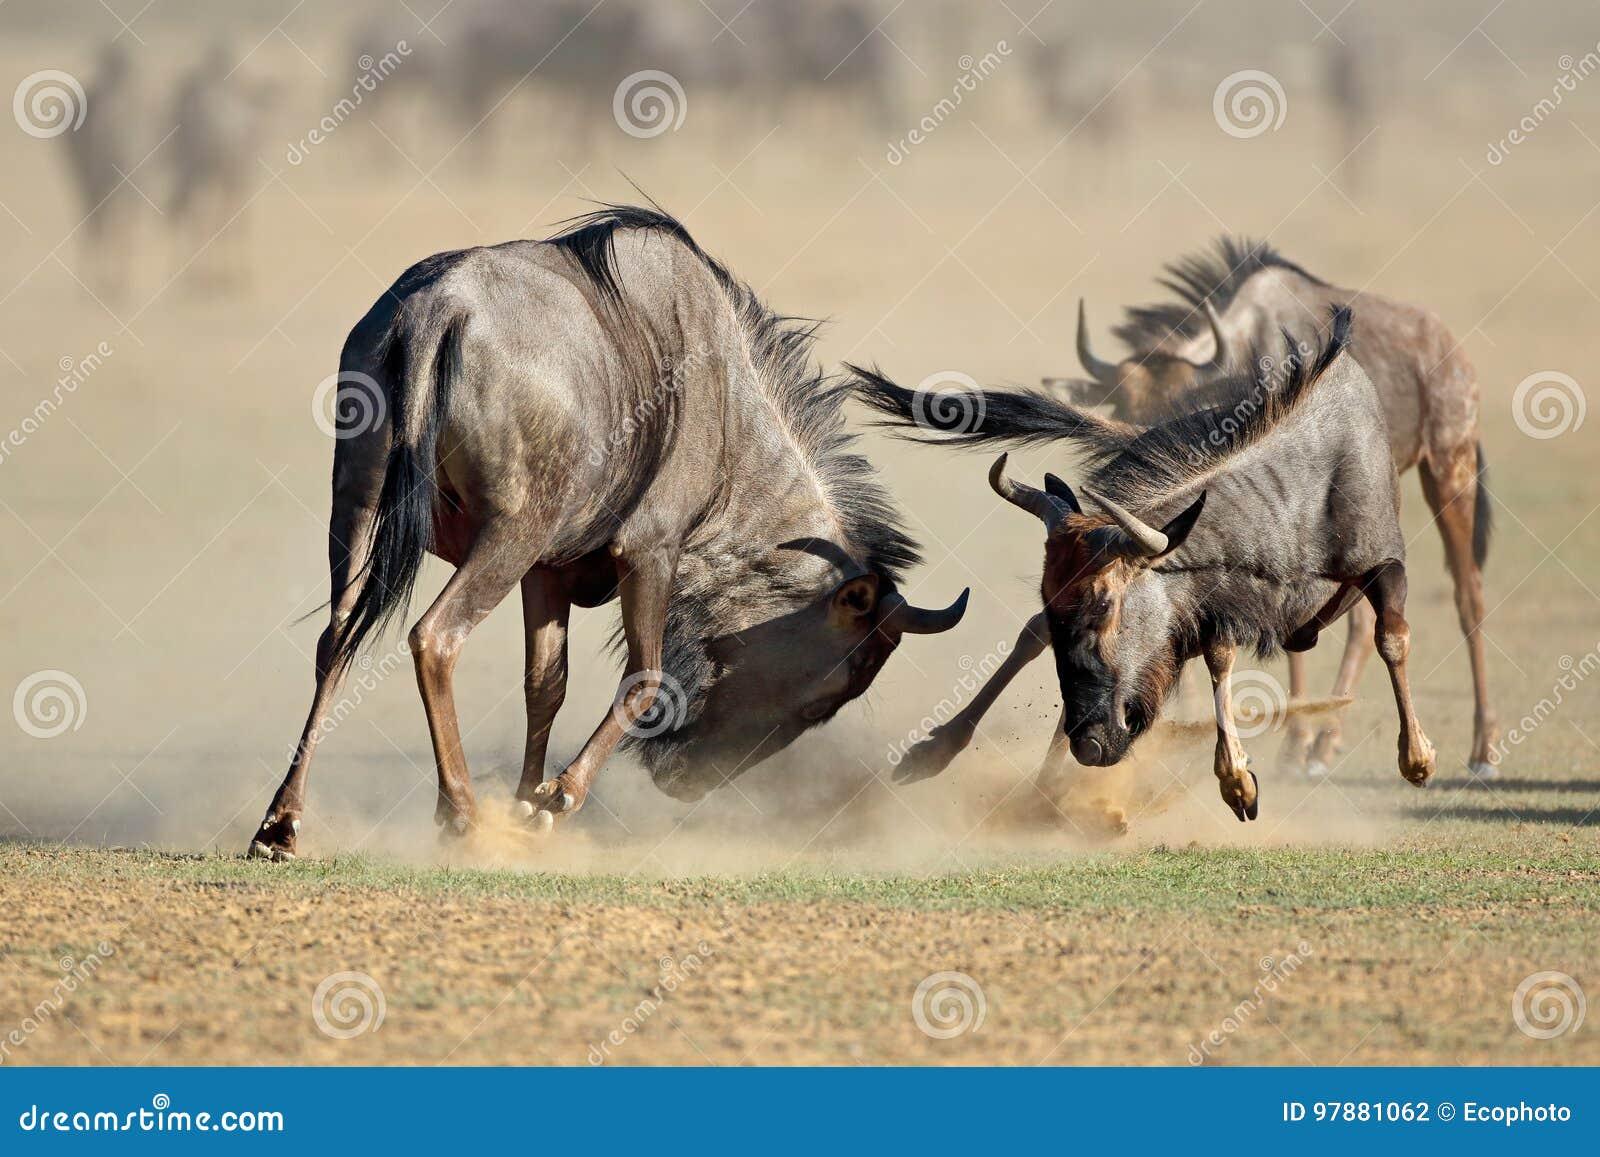 Fighting blue wildebeest